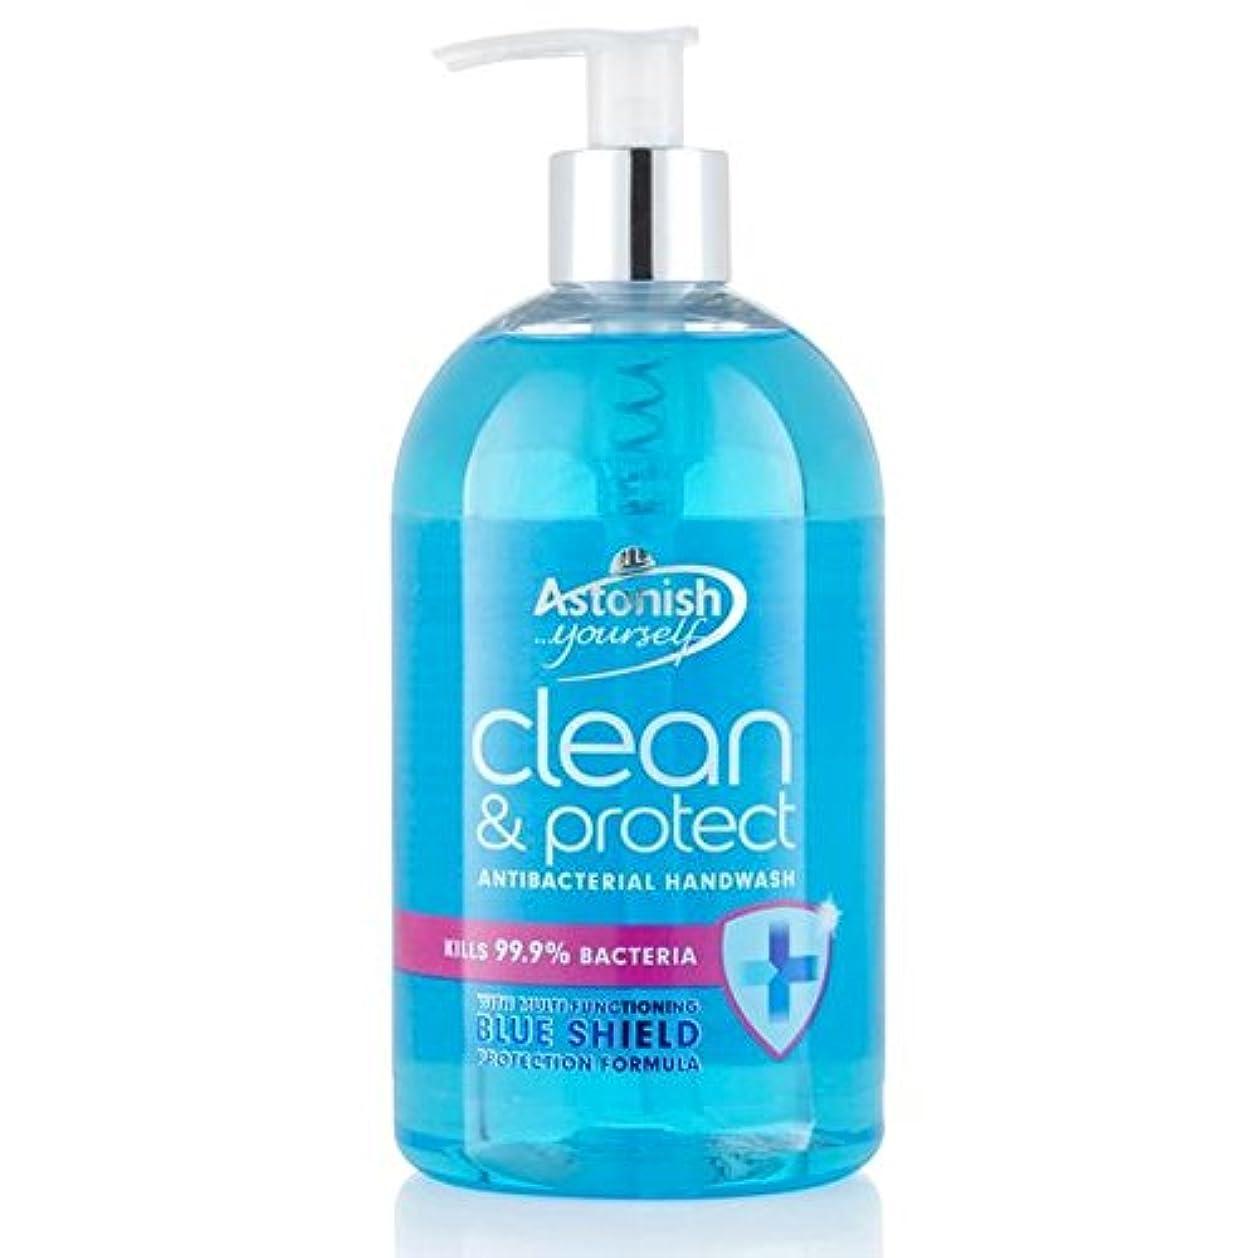 誤フェロー諸島説教するクリーン驚か&ハンドウォッシュ500ミリリットルを保護 x4 - Astonish Clean & Protect Hand Wash 500ml (Pack of 4) [並行輸入品]